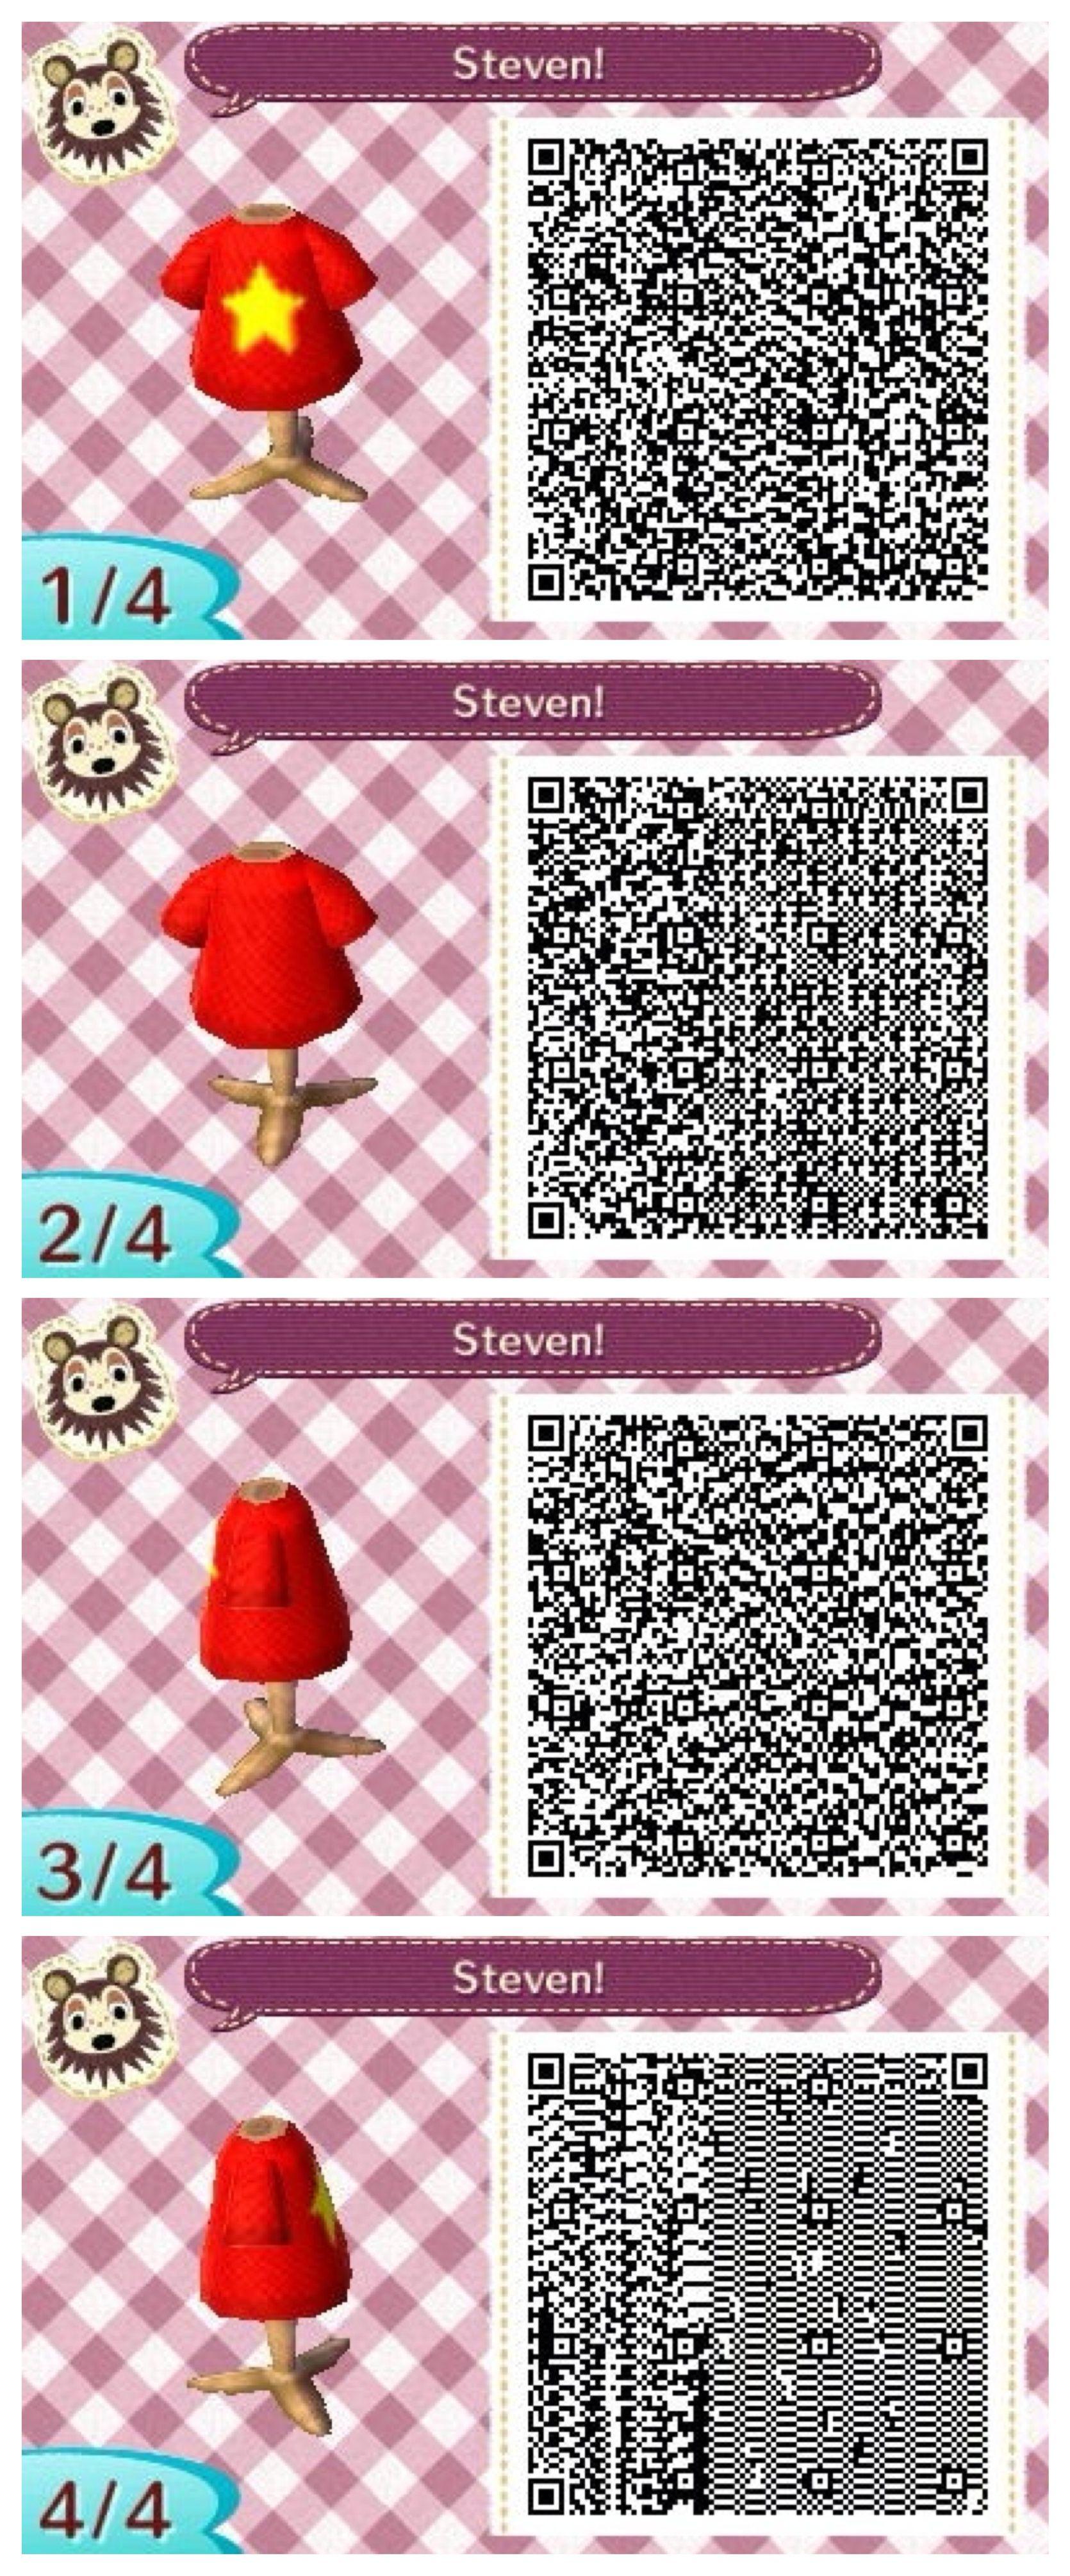 Steven Steven Universe Themed Animal Crossing New Leaf Qr Code